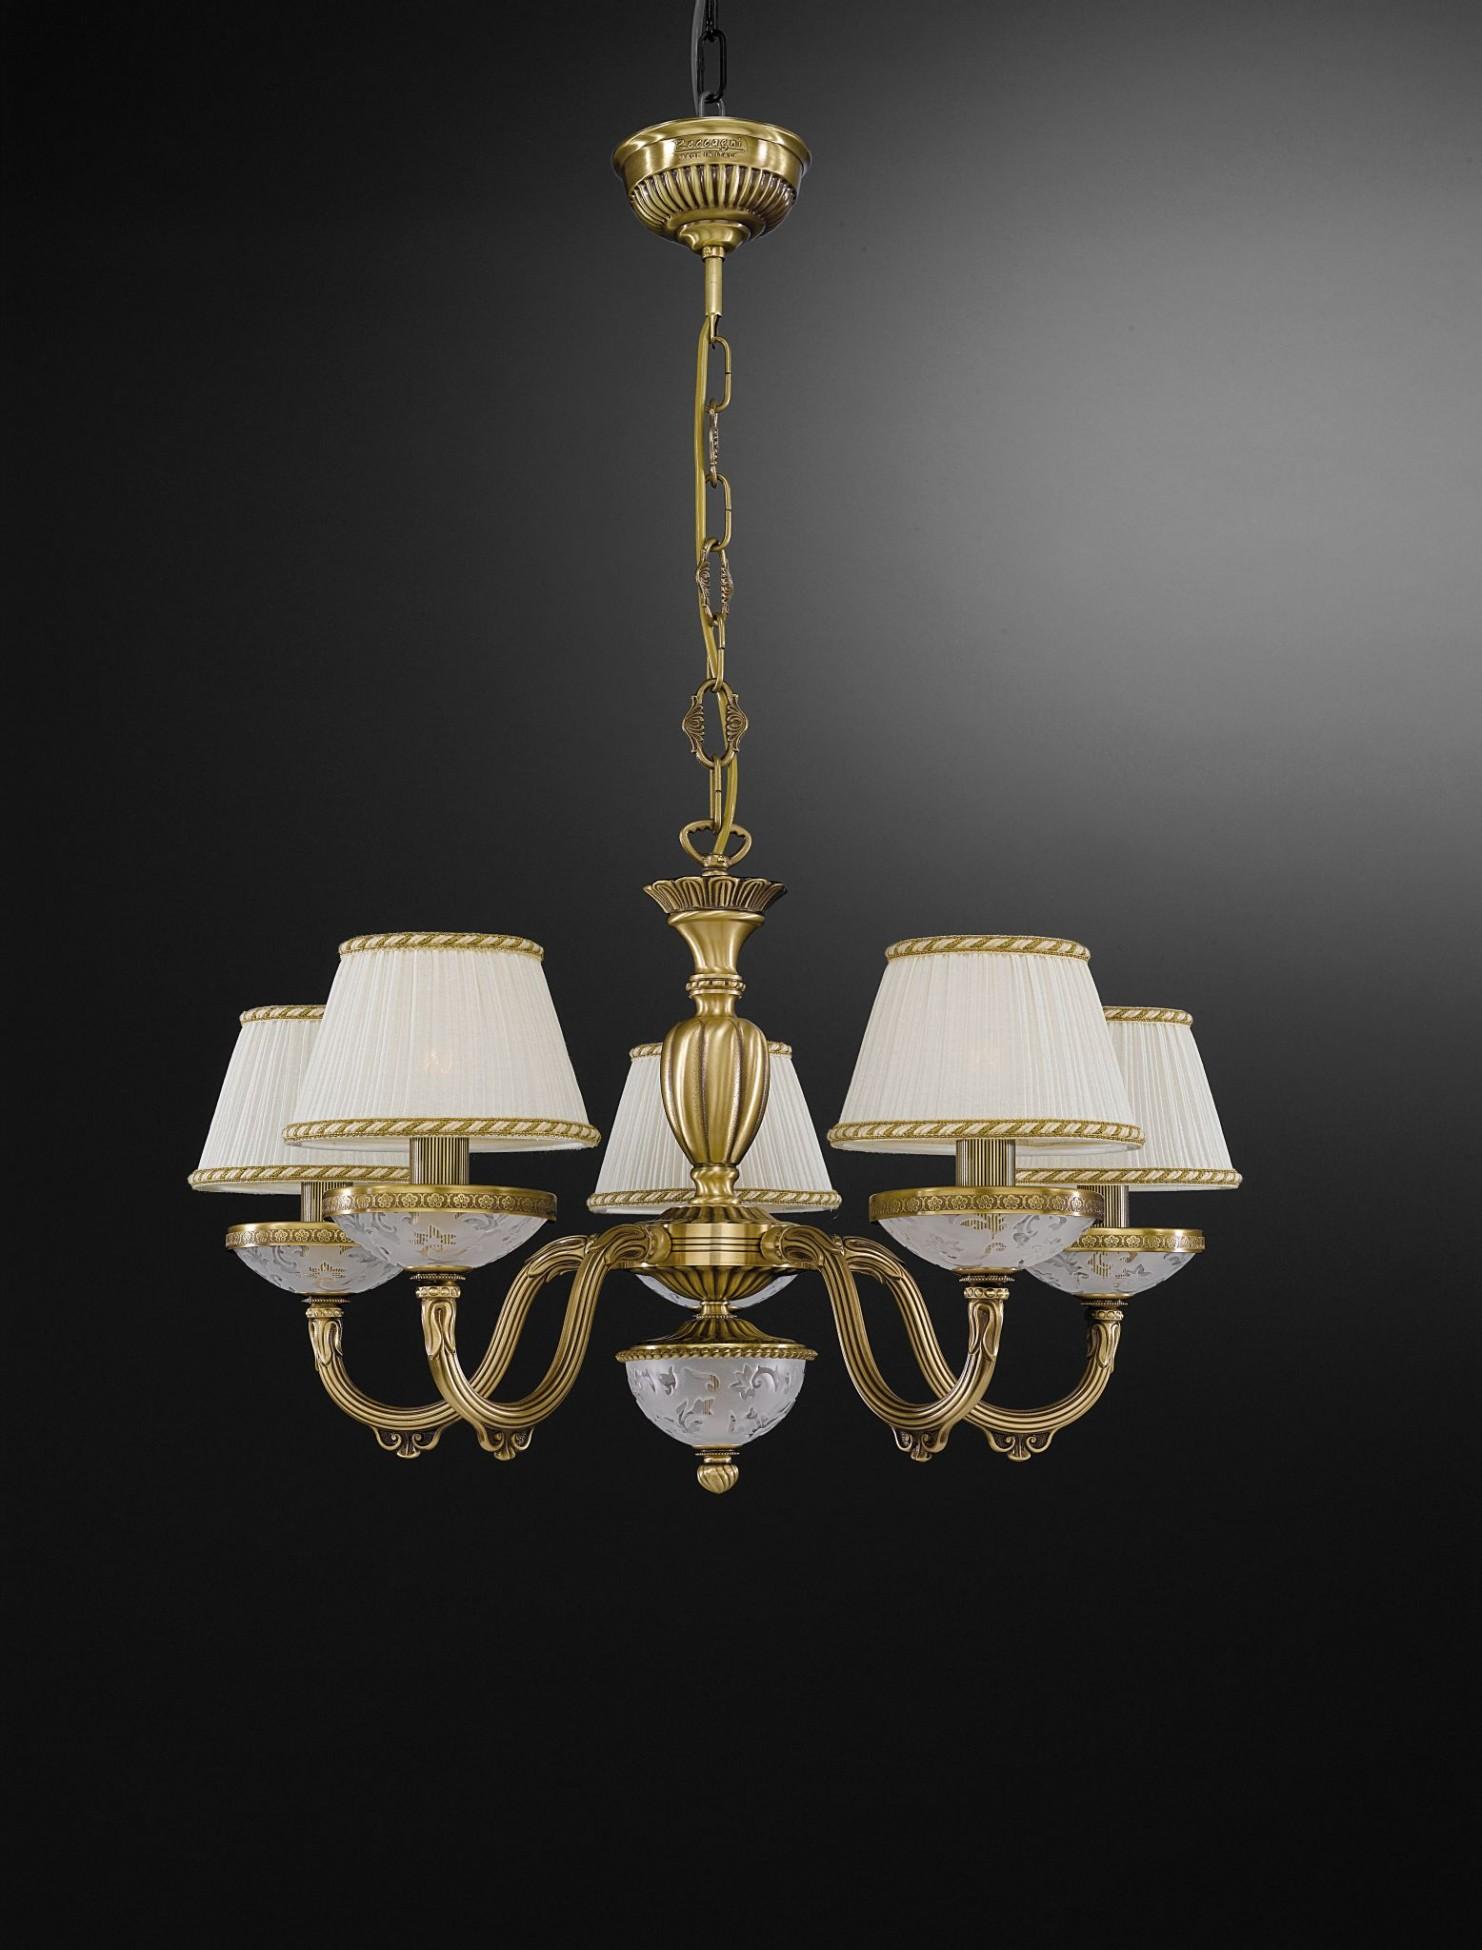 lampadario in ottone e vetro satinato con paralumi 5 luci reccagni store. Black Bedroom Furniture Sets. Home Design Ideas